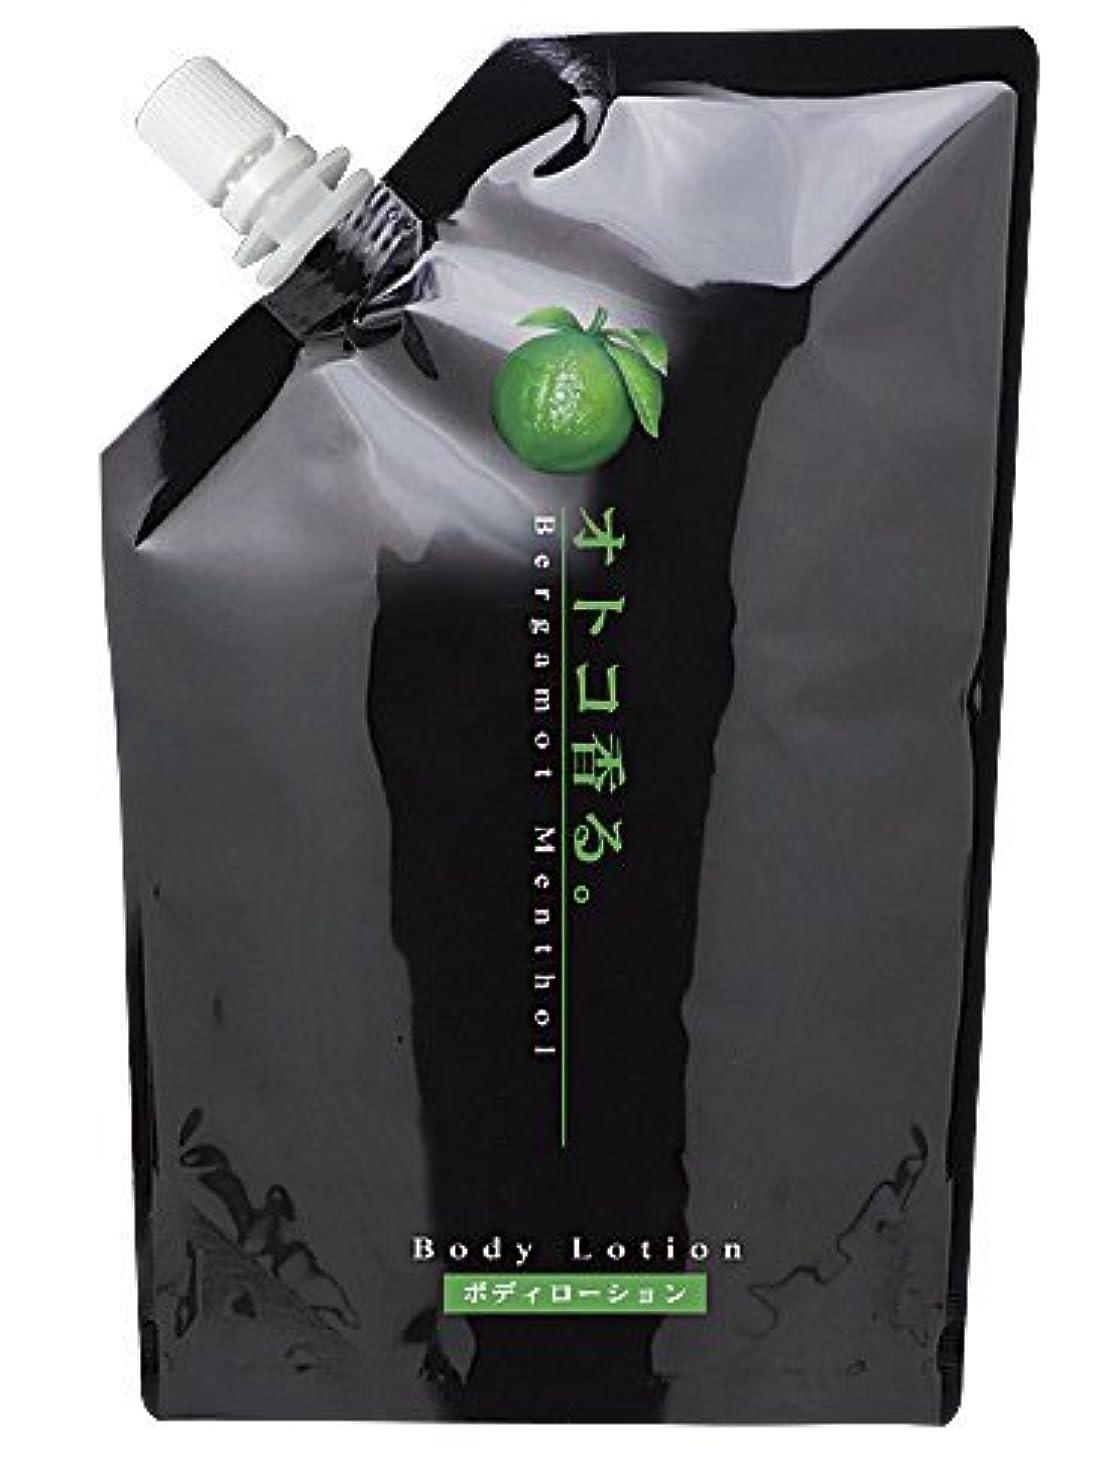 困惑した市場アダルトkracie(クラシエ) オトコ香る ボディローション ベルガモットの香り 微香性 業務用 家庭様向け 500ml 補充サイズ